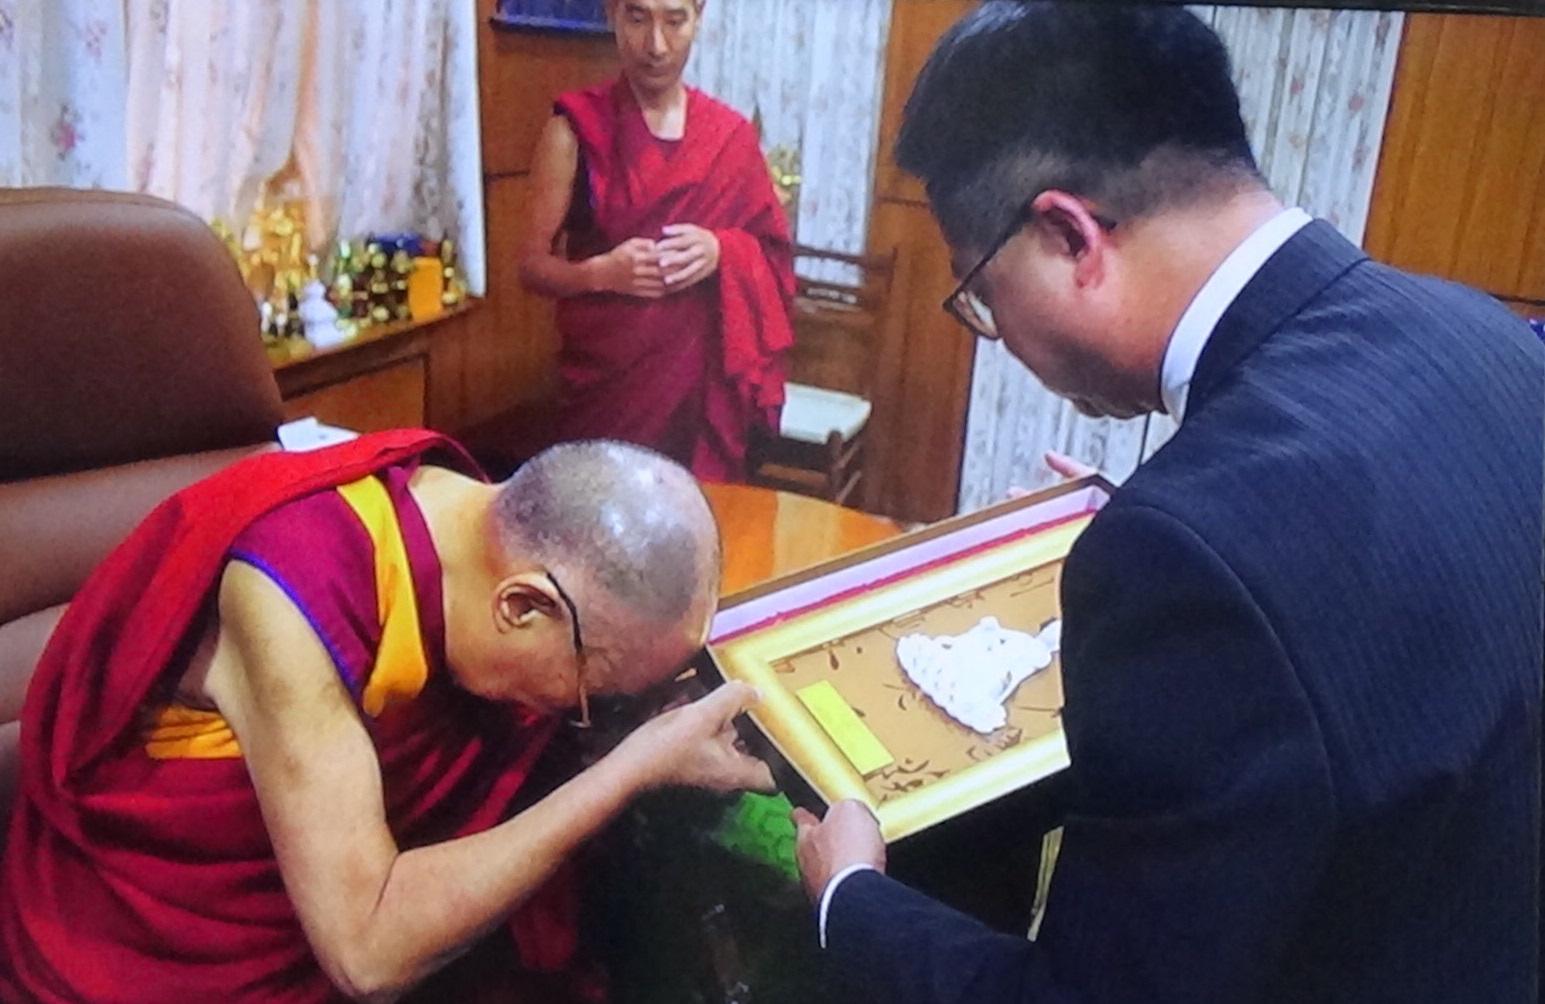 罗文嘉代表民进党致赠礼物给达赖喇嘛。(记者夏小华翻摄)